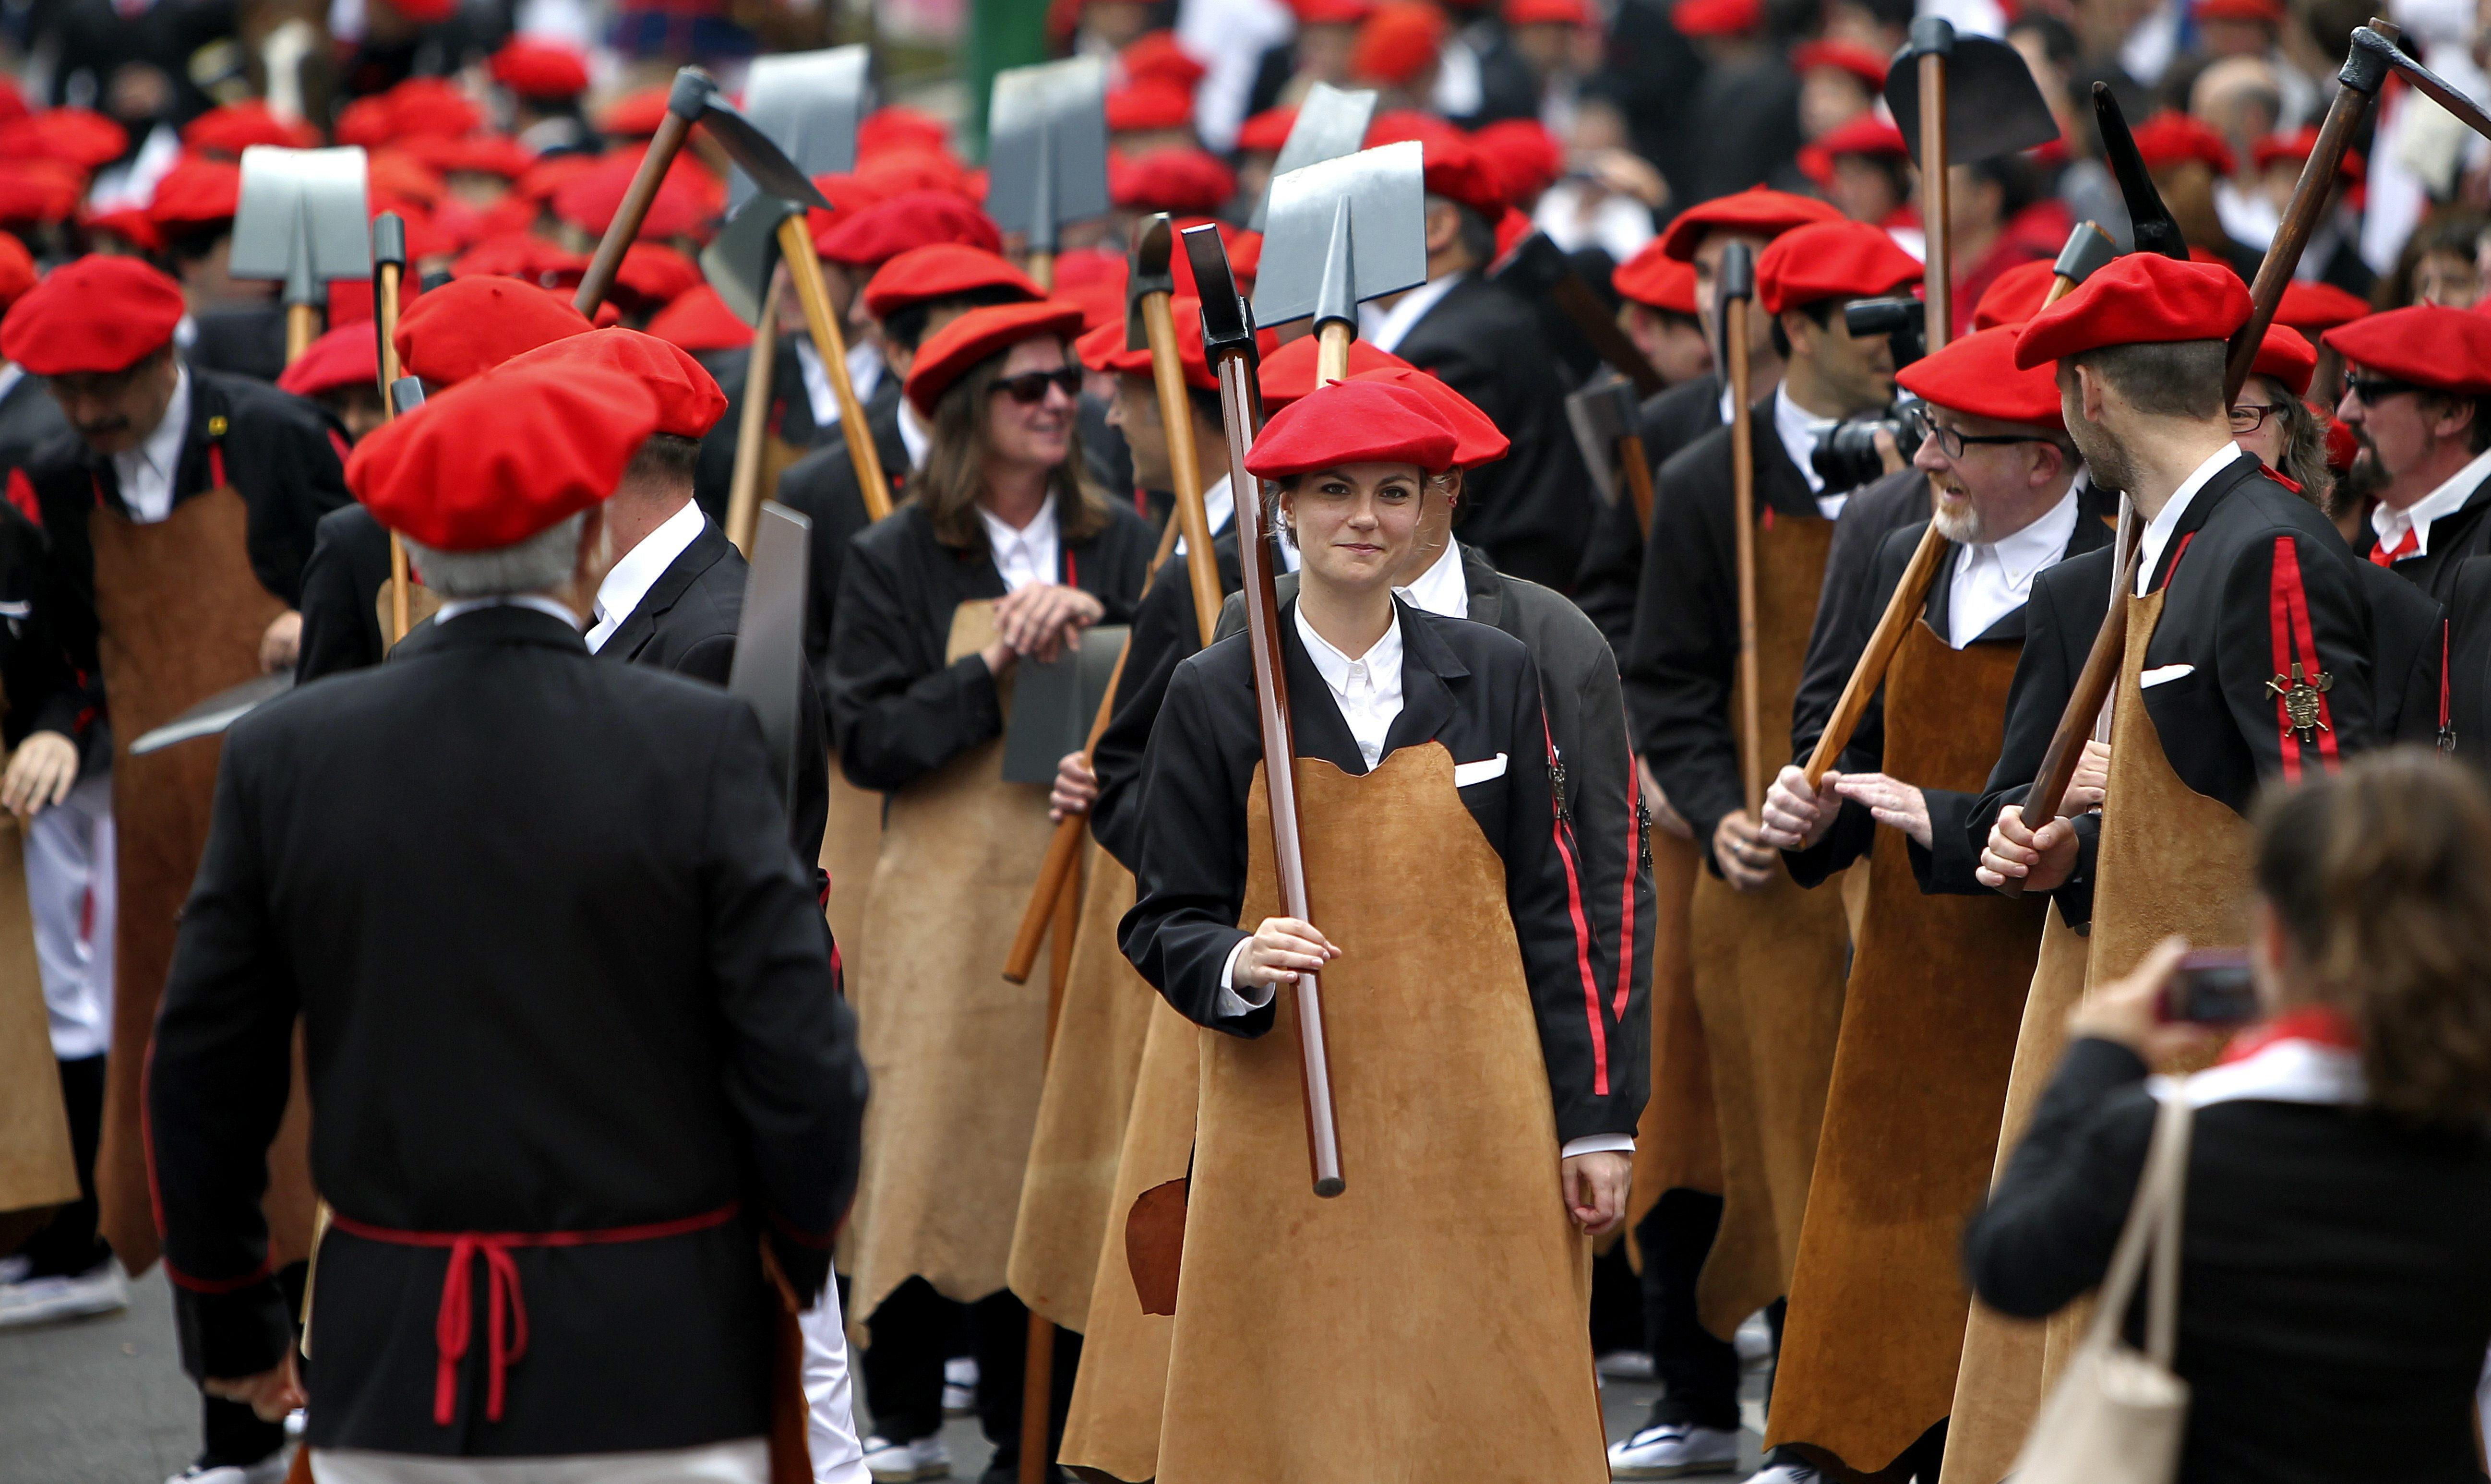 La fiesta manda en Irun (Gipuzkoa) en la celebración de los alardes